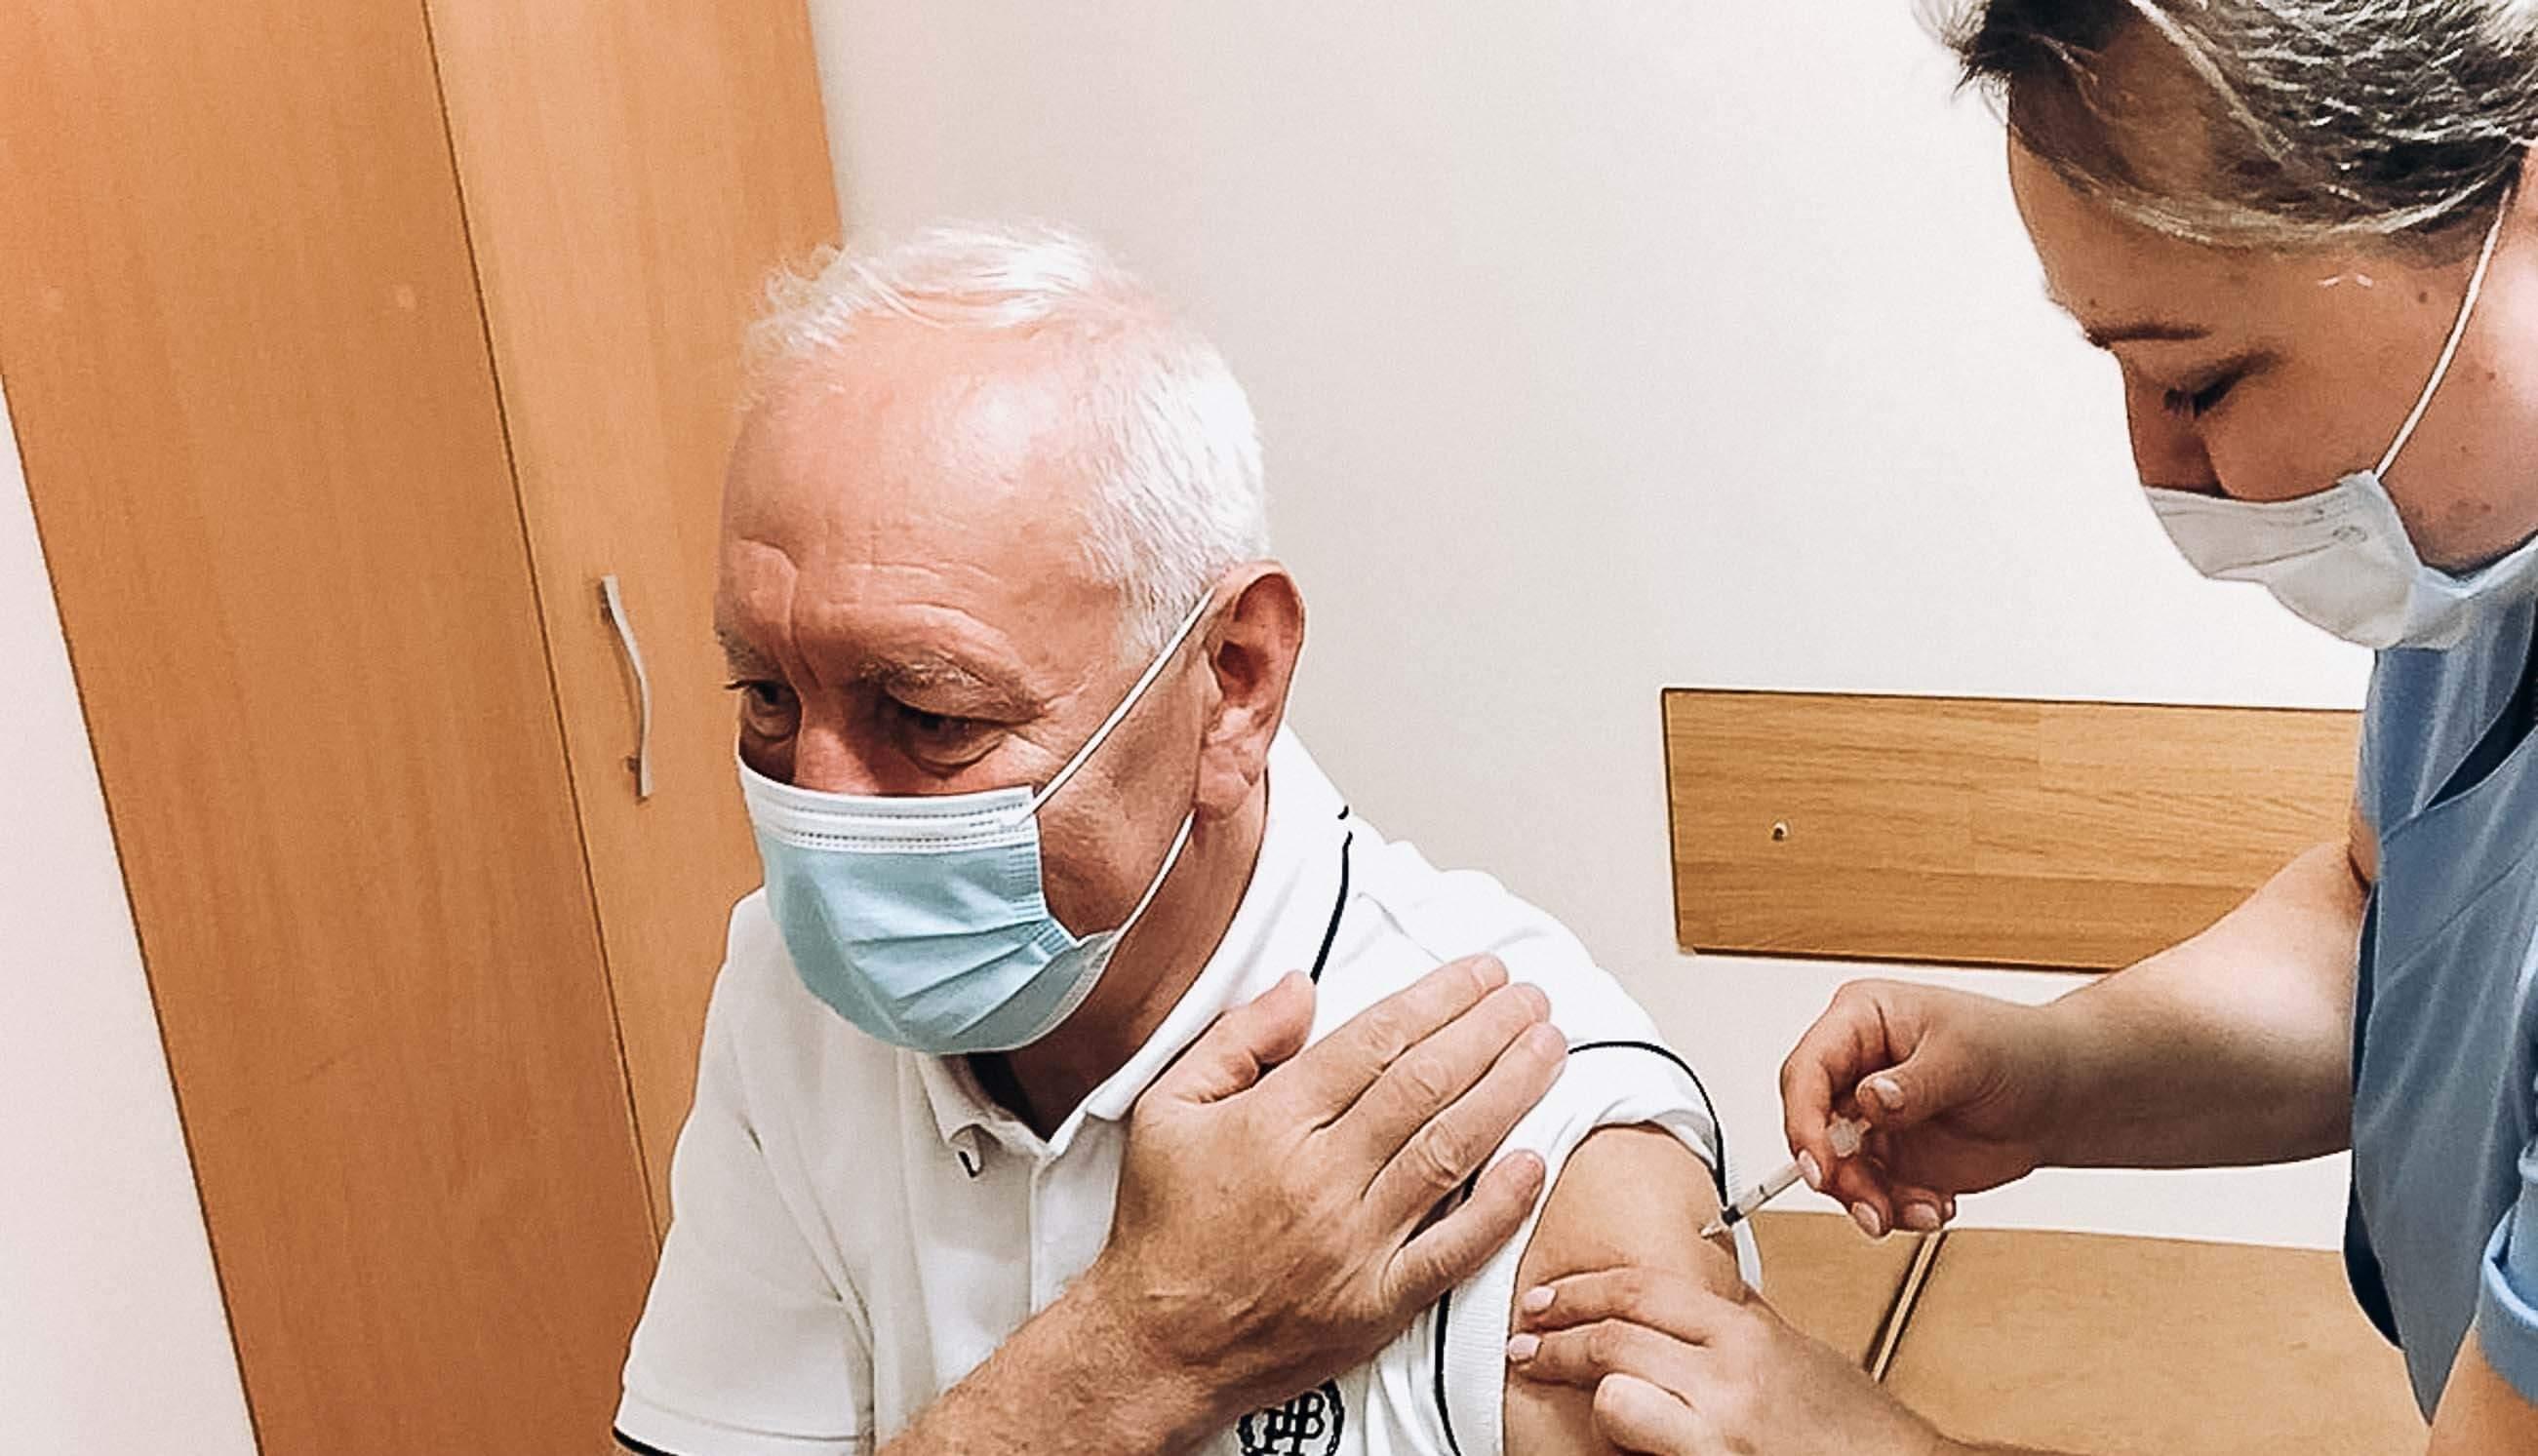 Митрополит Війтишин прийняв дозу вакцини від коронавірусу та іншим радить (ФОТО)